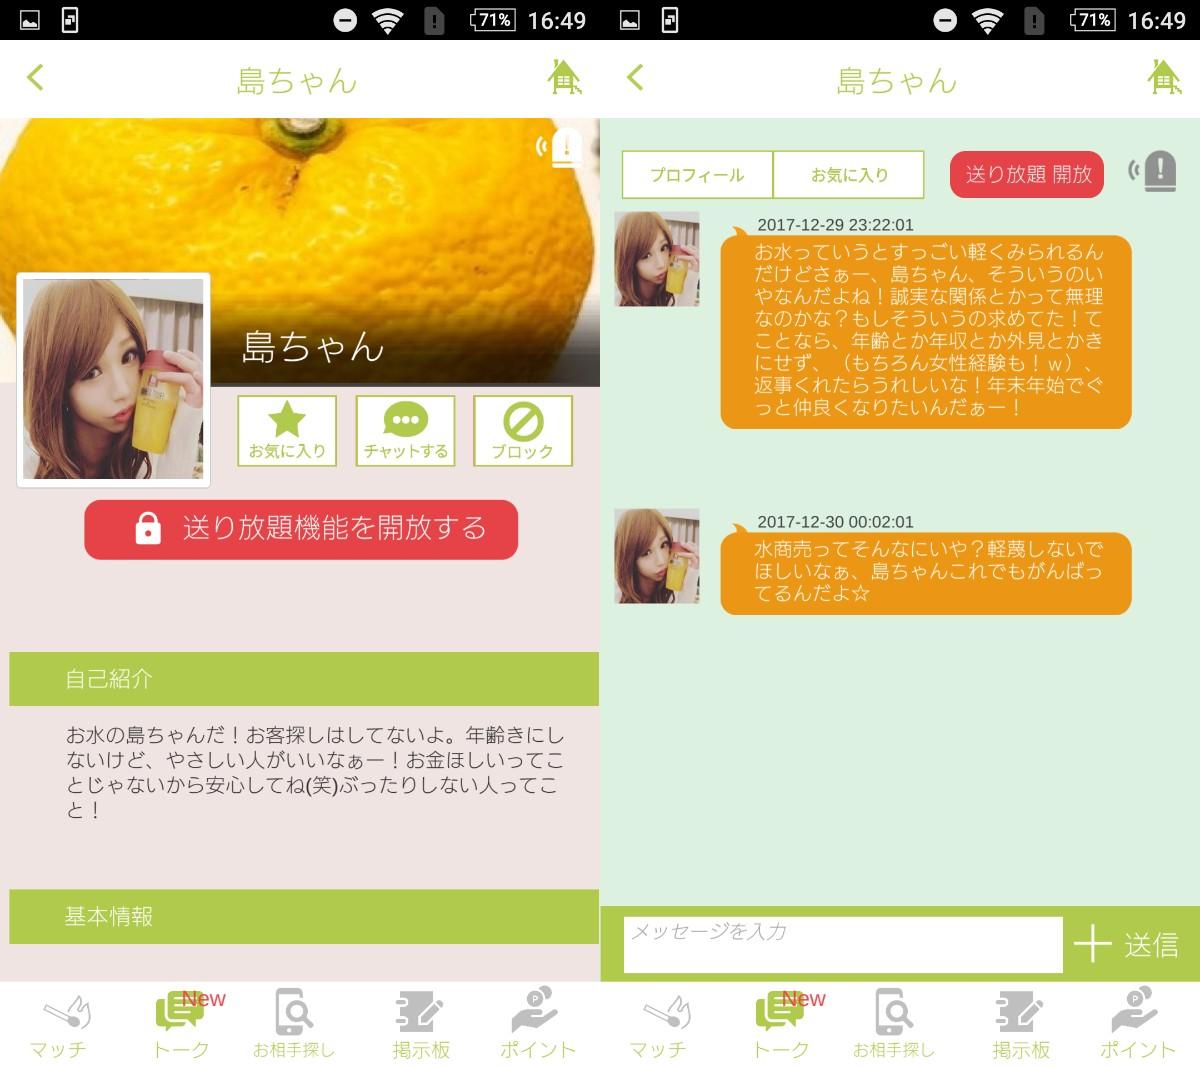 サクラ詐欺出会い系アプリ「ハーモニー」サクラの島ちゃん